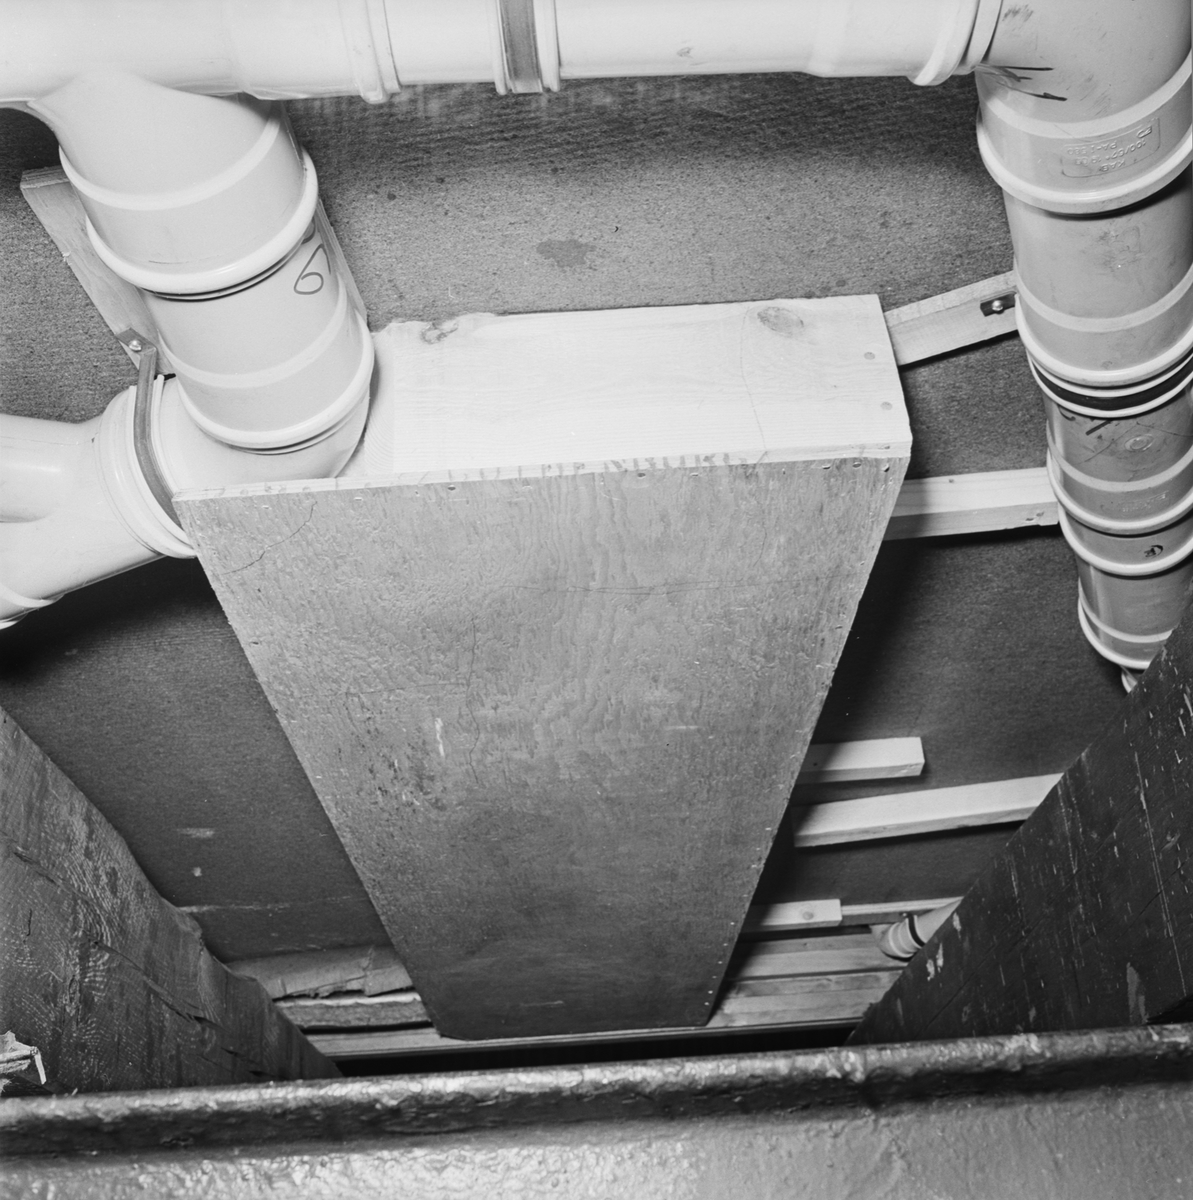 Övrigt: Foto datum: 1/12 1965 Byggnader och kranar Provelement. Närmast identisk bild: V33733, ej skannad